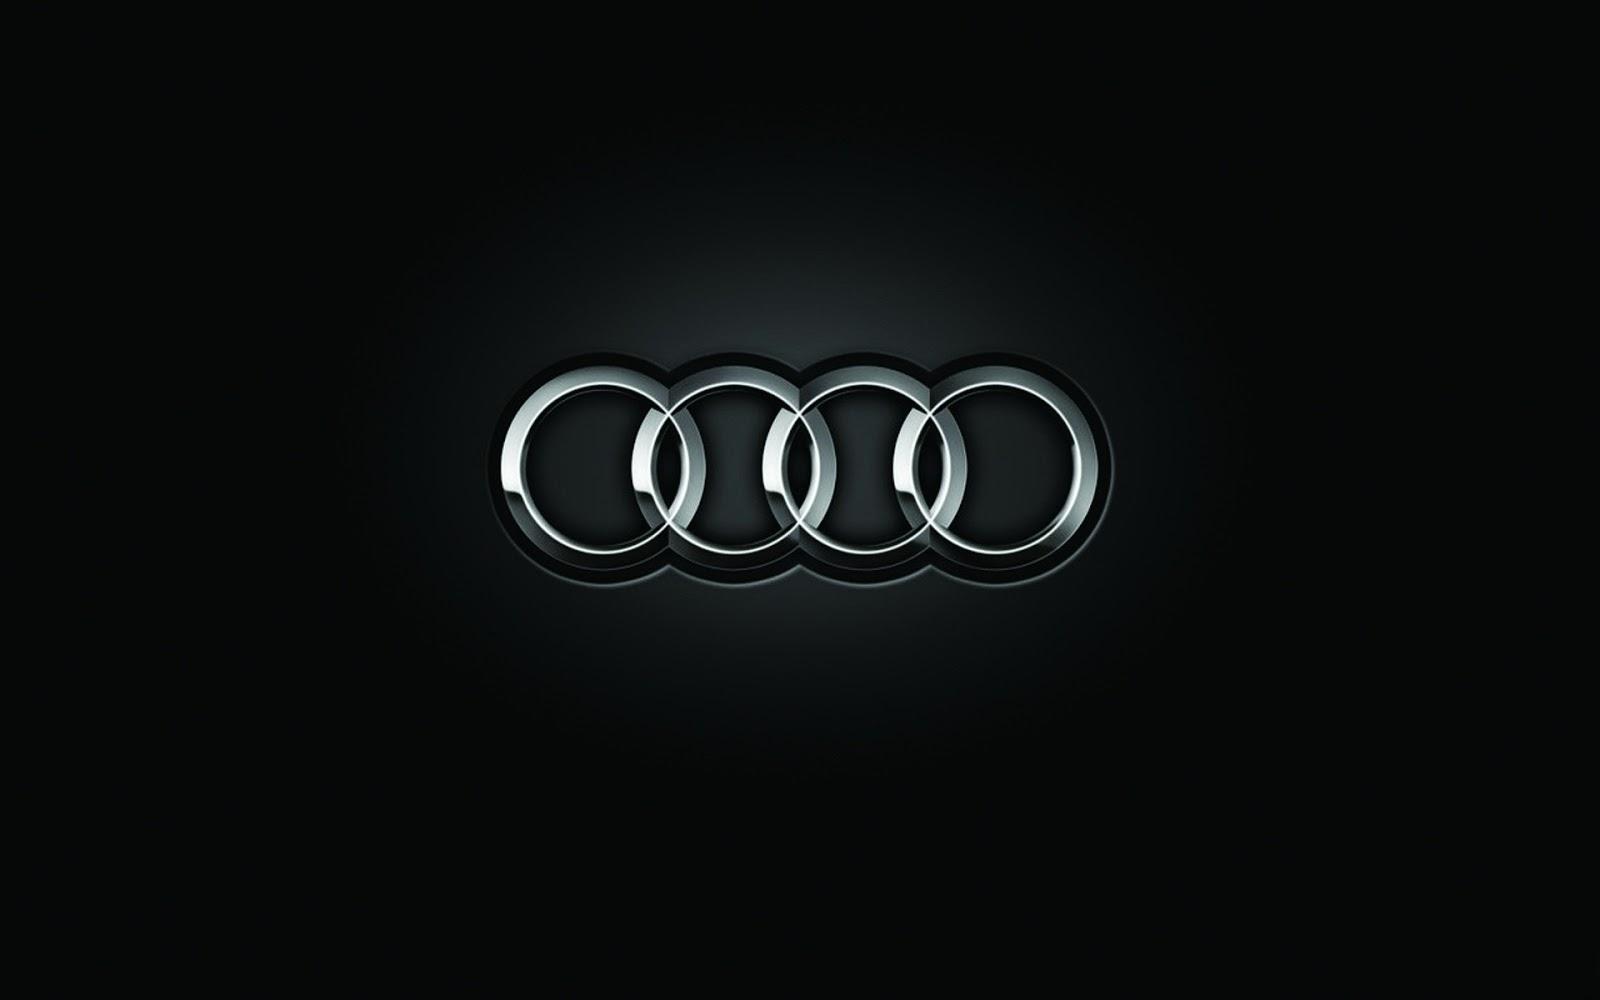 Fotos, Curiosidades, Comunicação, Jornalismo, Marketing, Propaganda, Mídia Interessante 09c1b-audi-emblema-logo Programa Auto News TV fala sobre o novo Audi A4 2017 Marca Marketing Vídeos